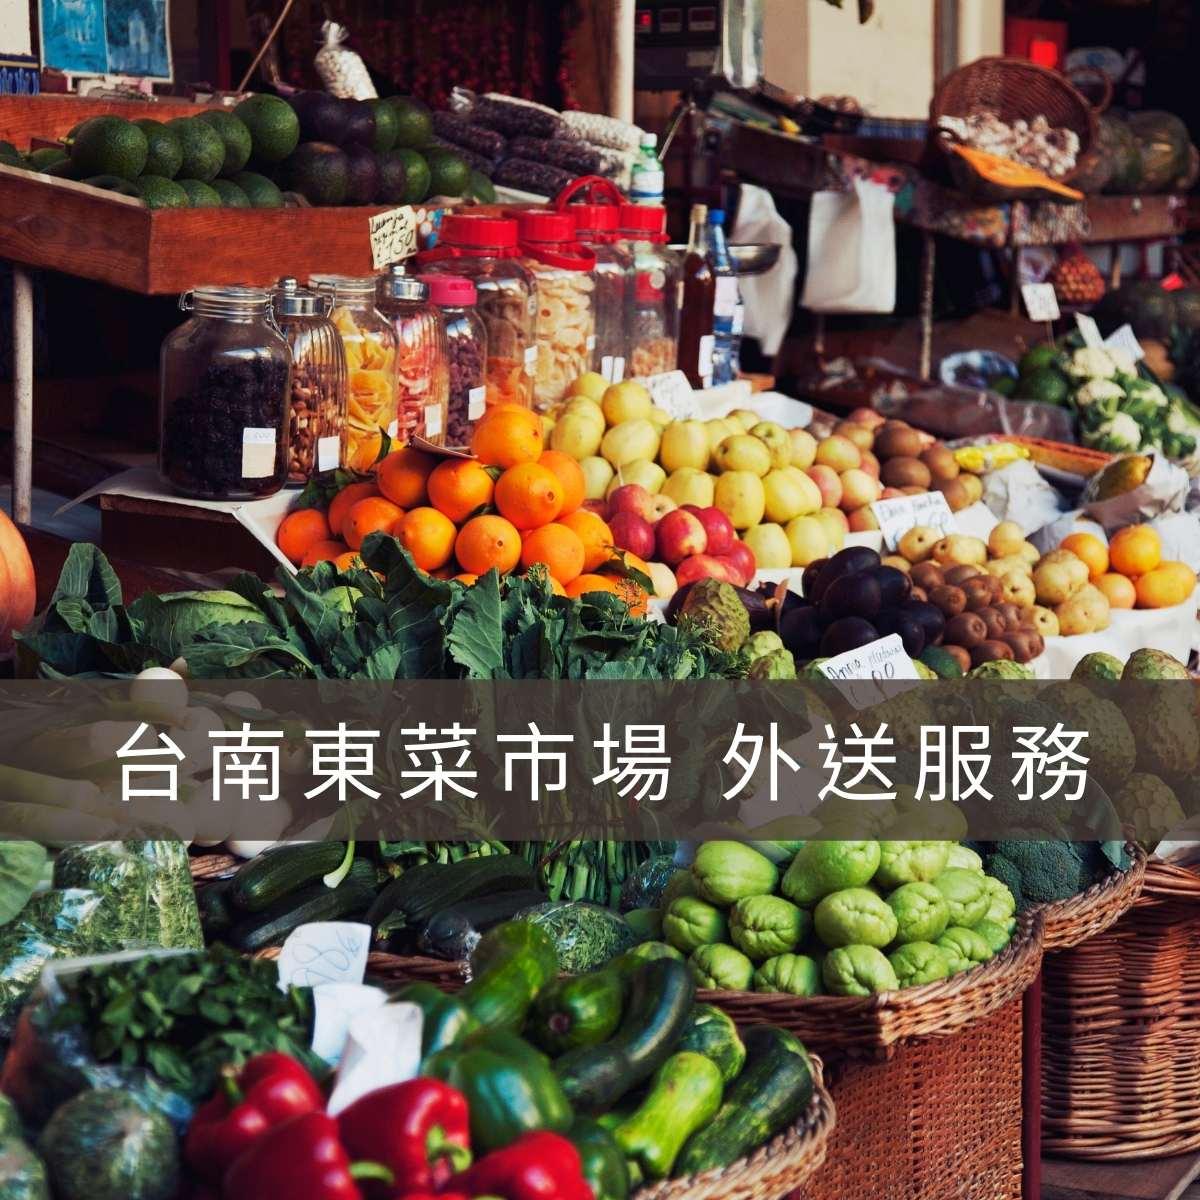 東菜市場外送-台南蔬果宅配